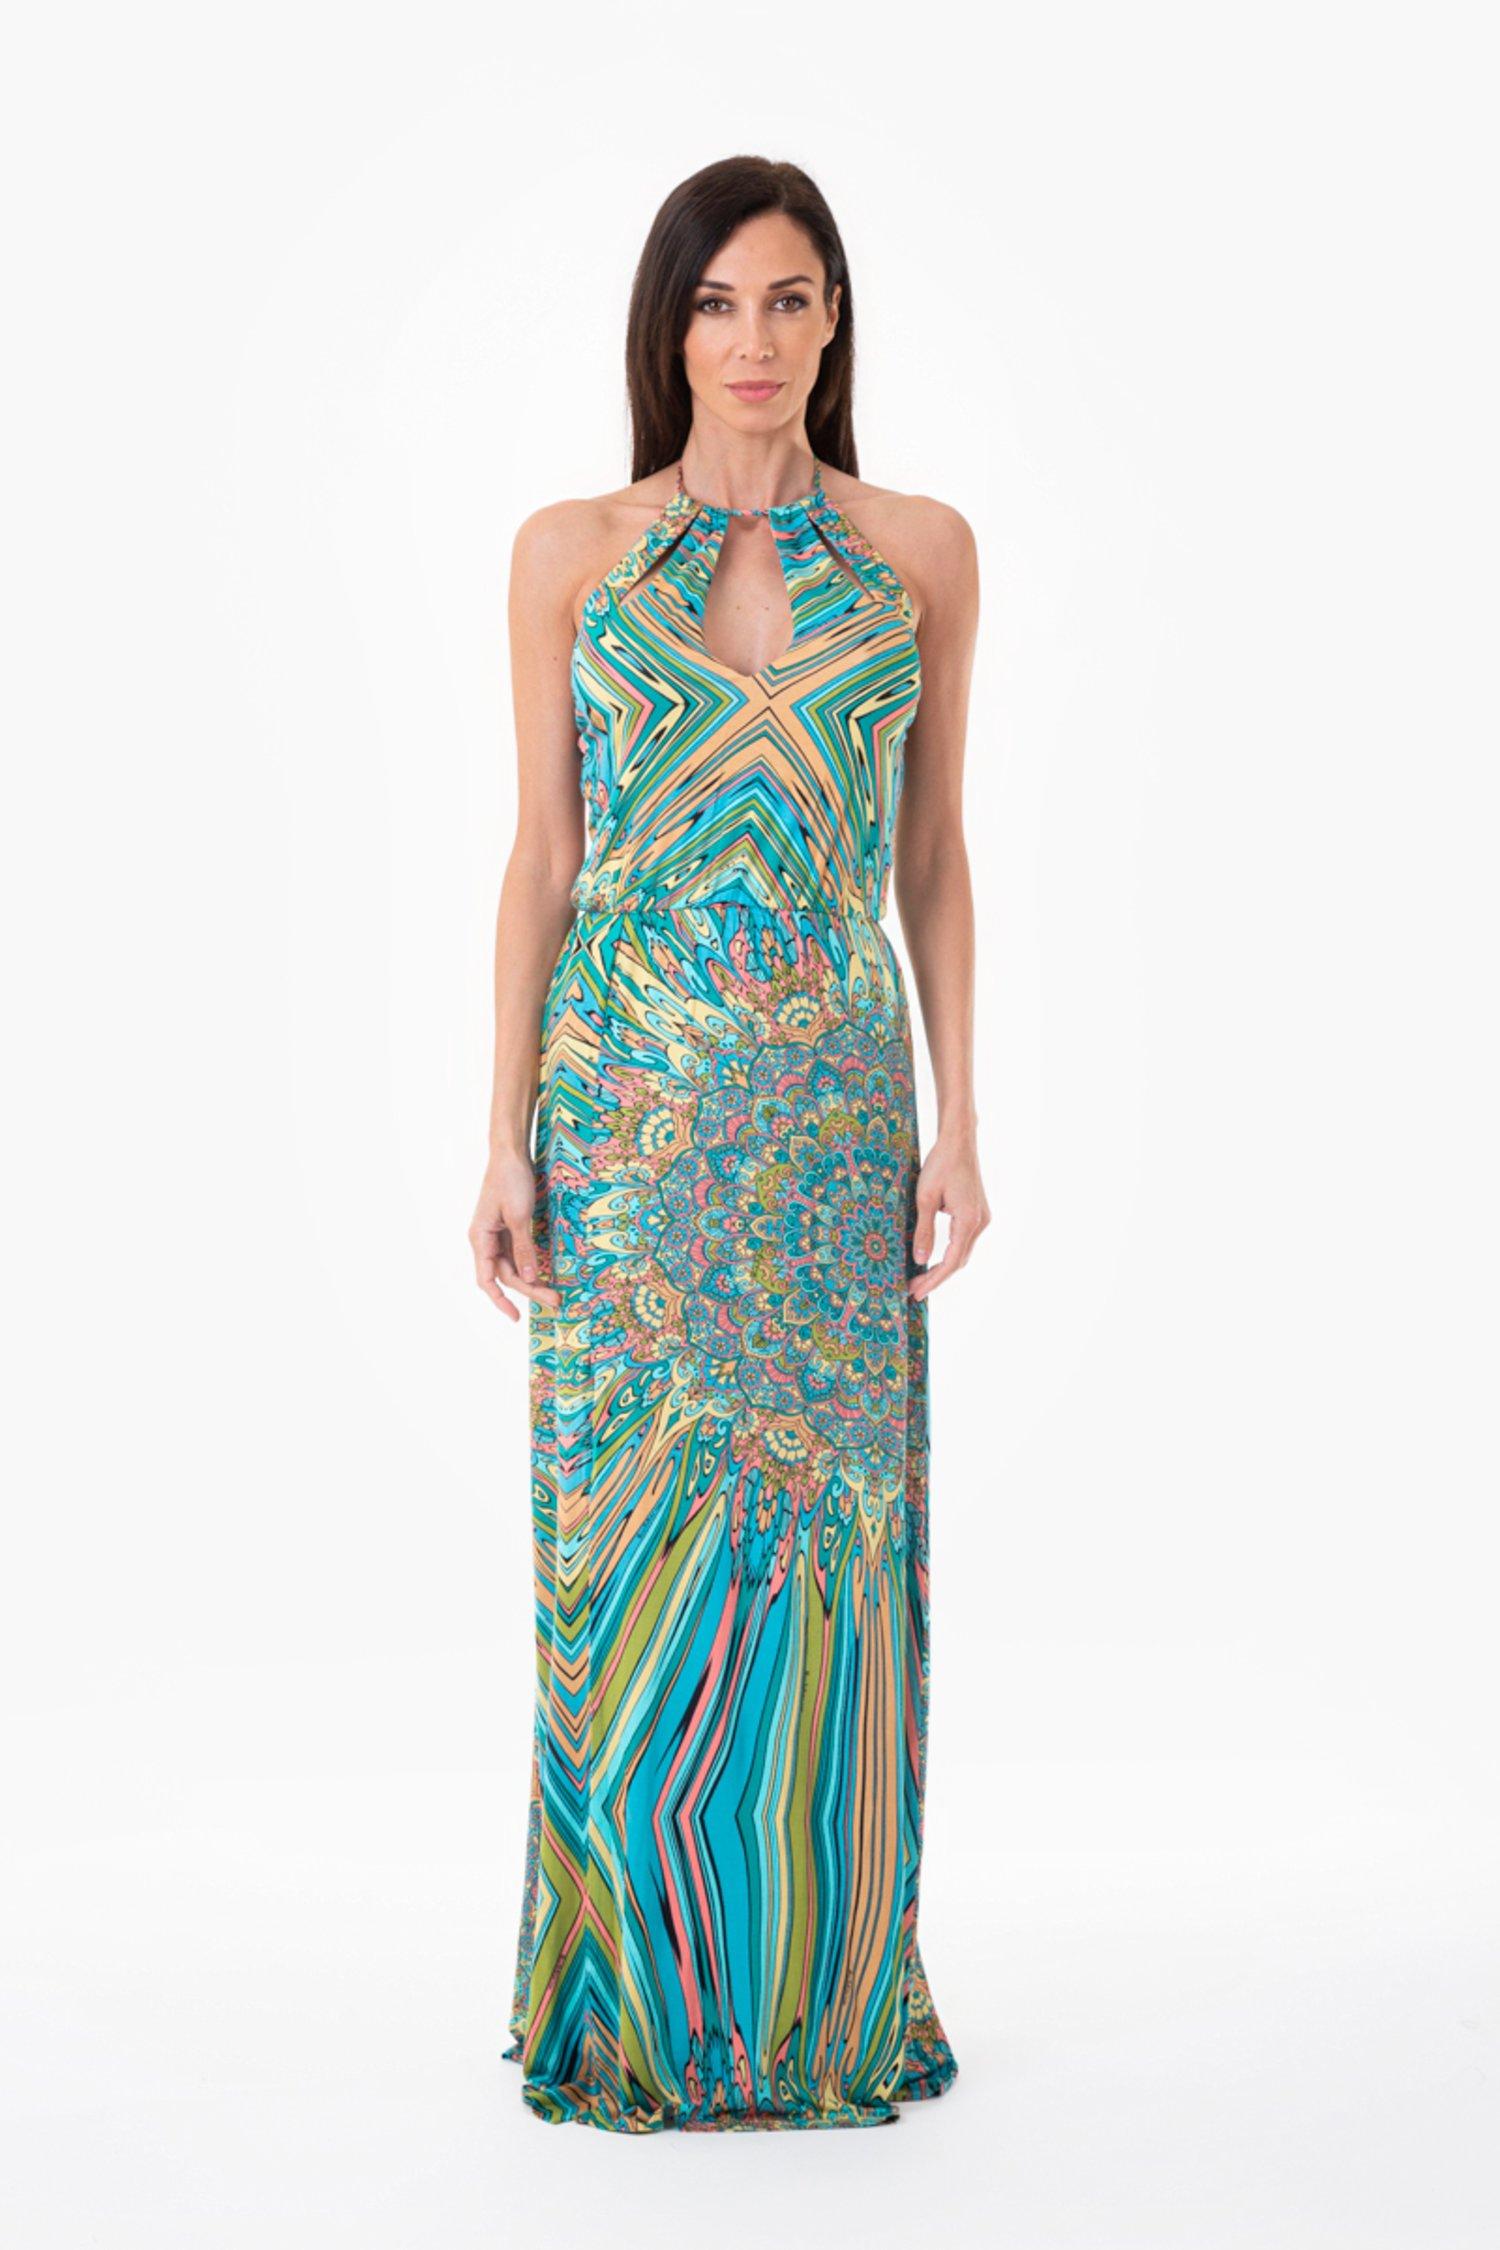 PRINTED JERSEY LONG DRESS WITH TEARDROP NECKLINE - Mandala Azzurro